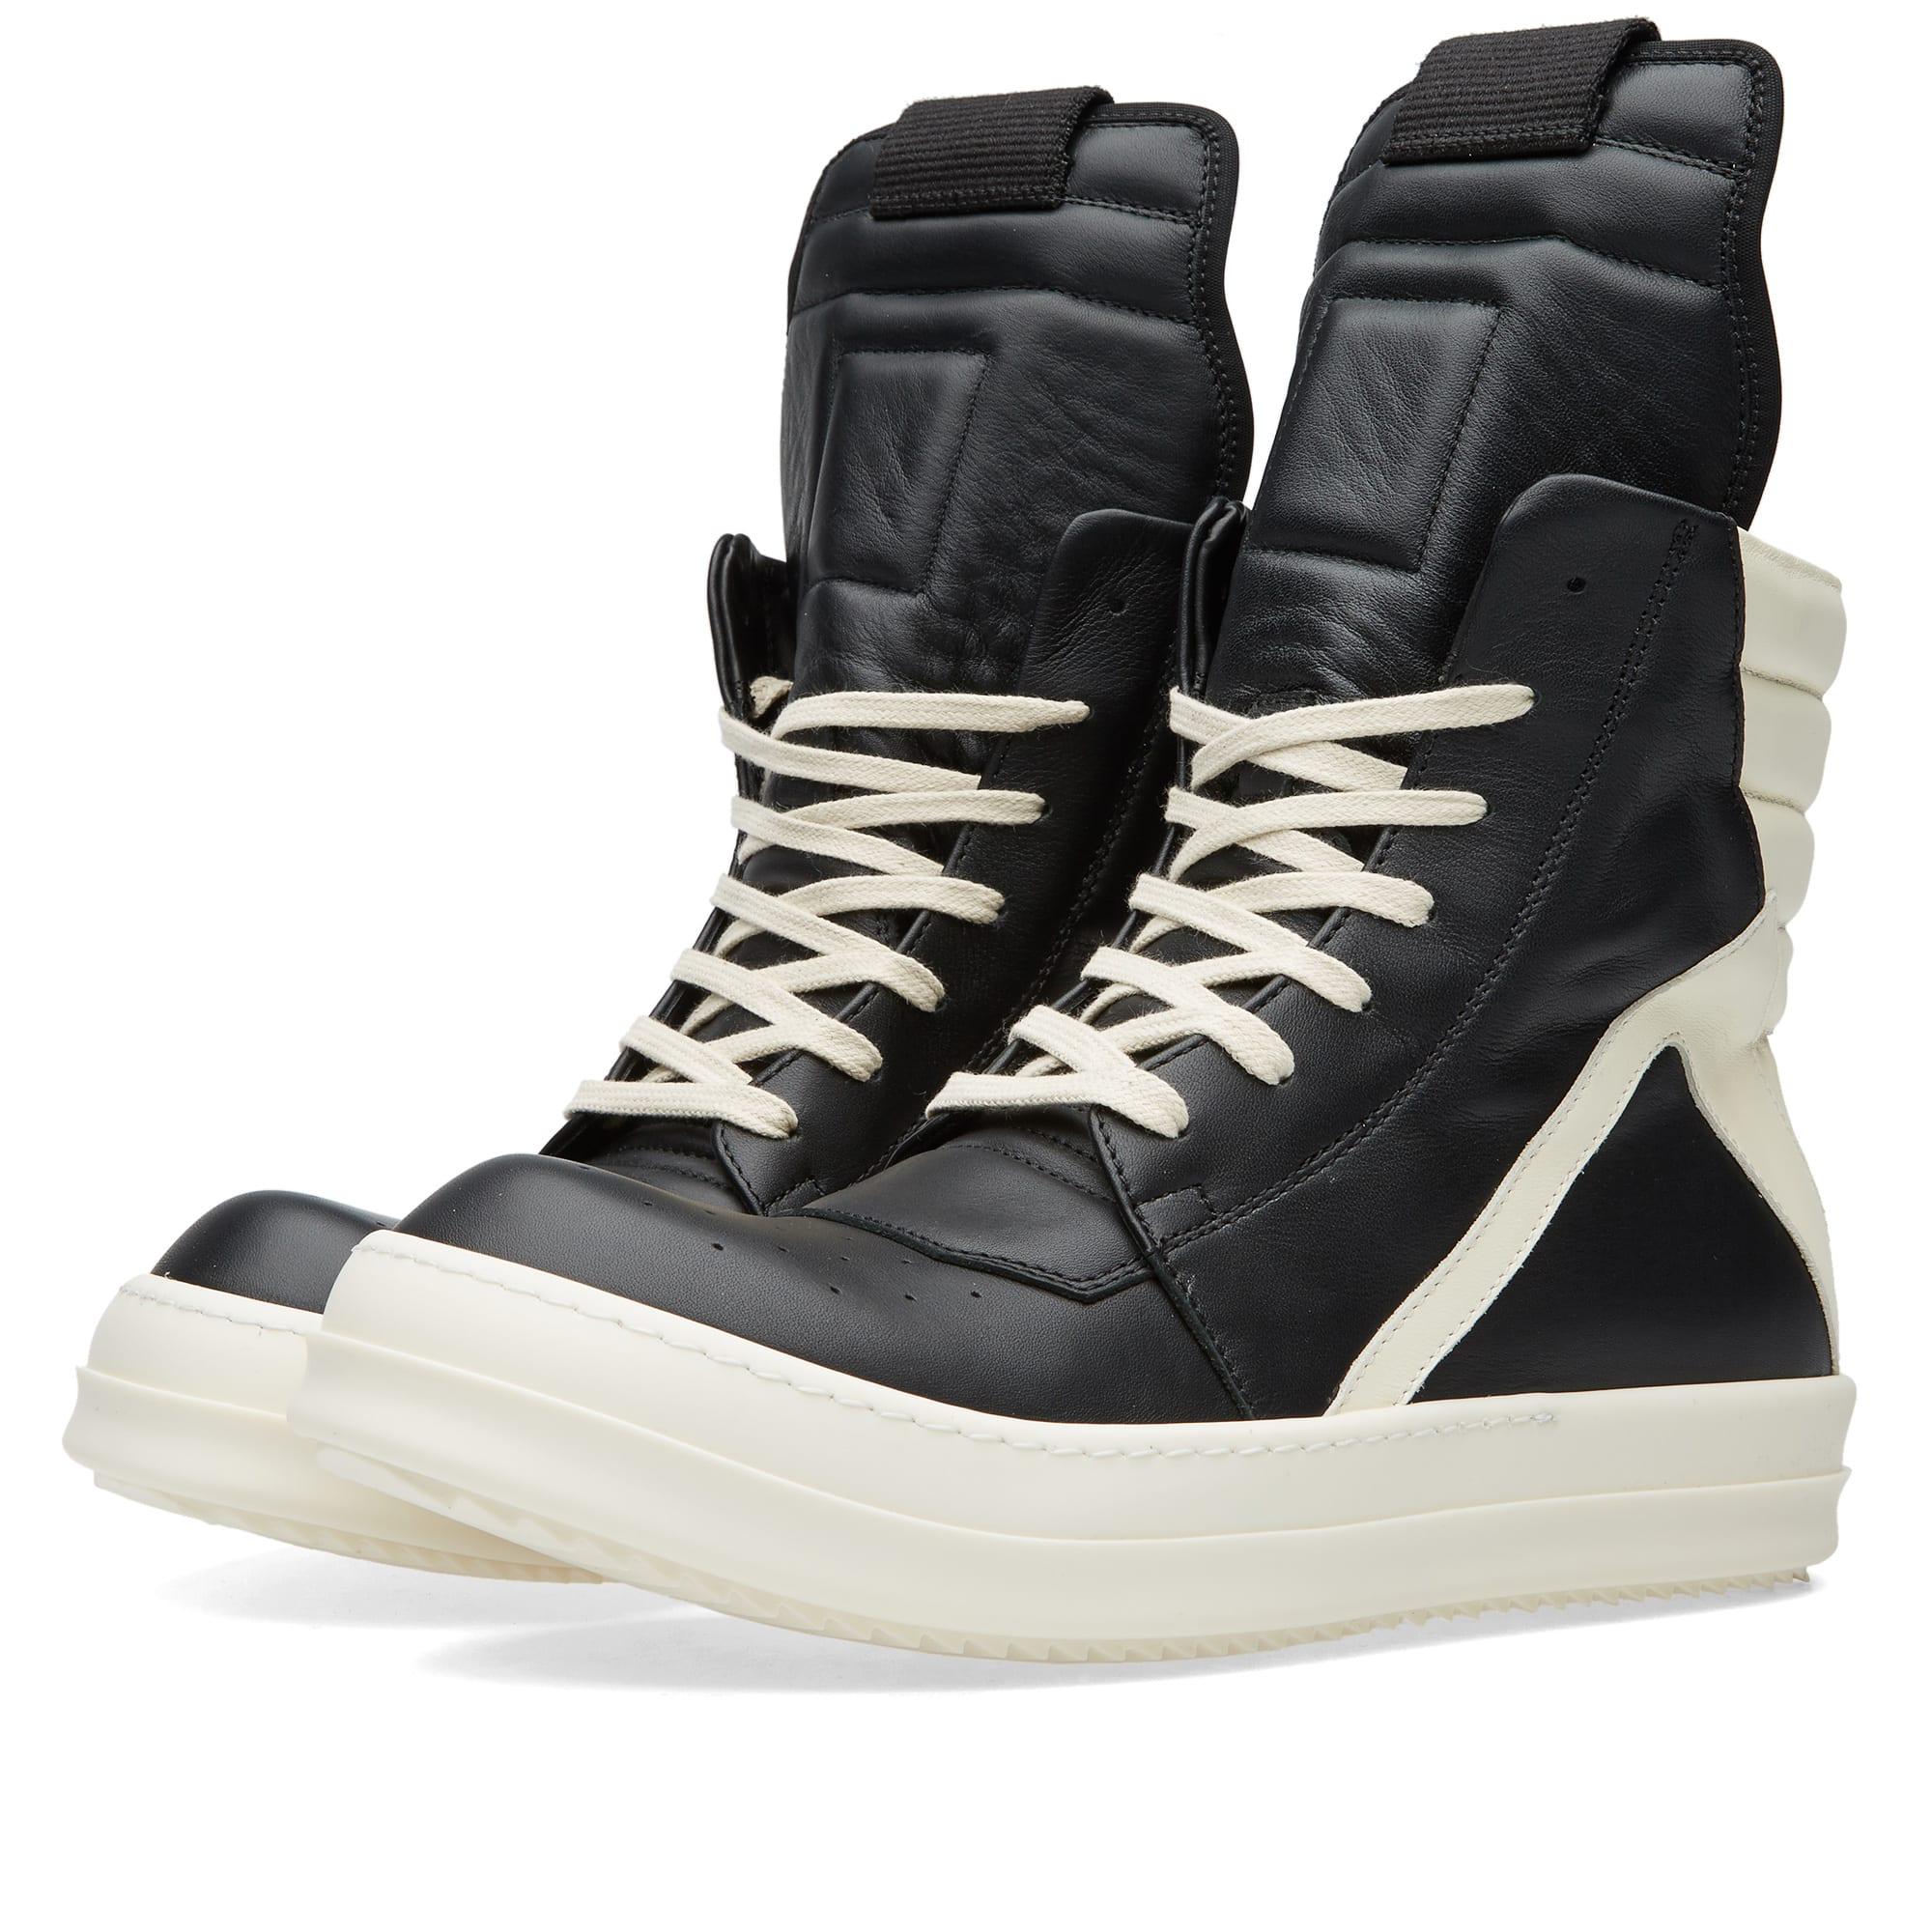 Rick Owens Geobasket Sneaker Black